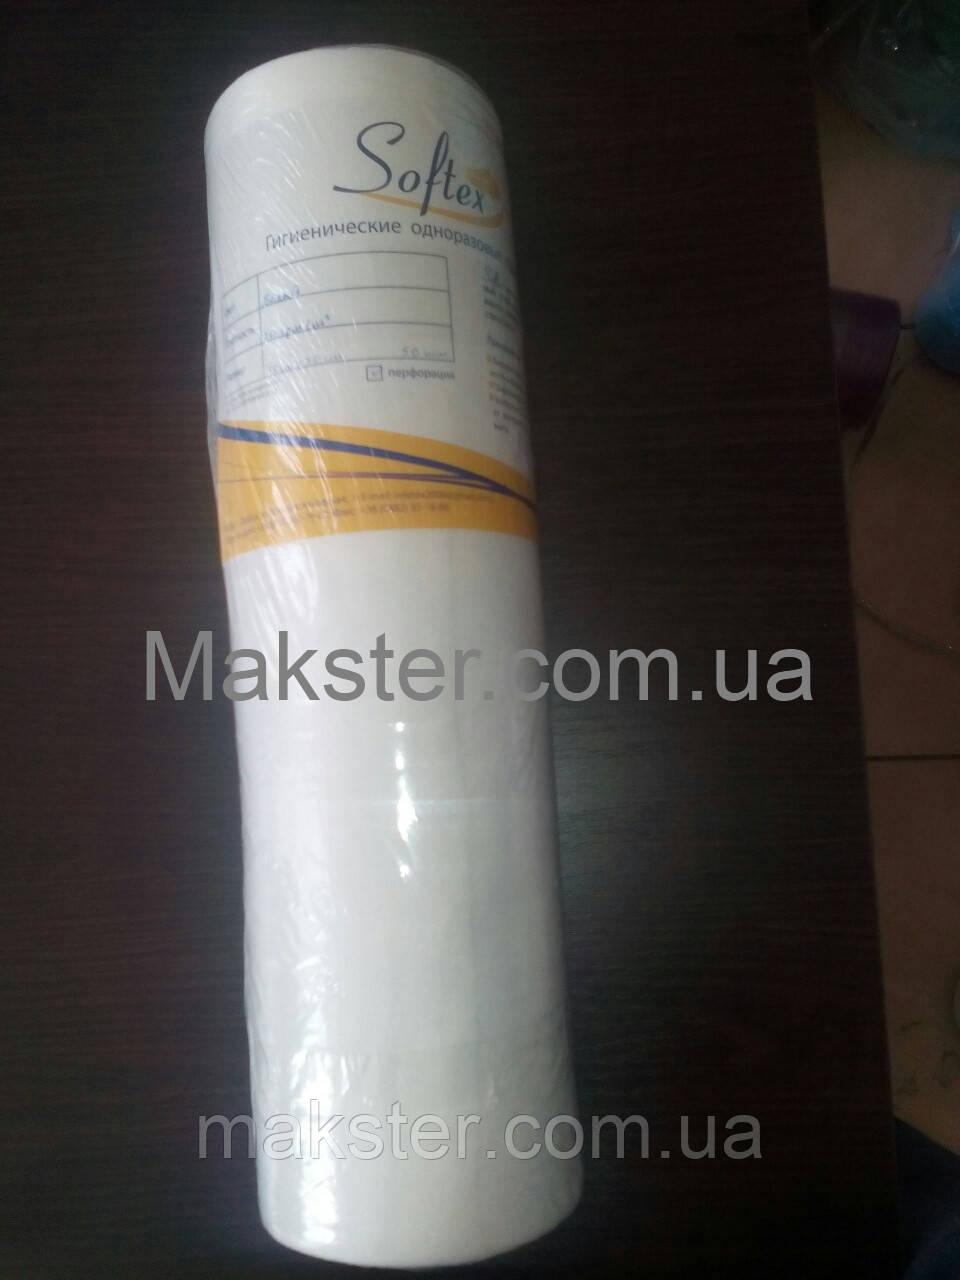 Одноразовые гигиенические полотенца Beauty 40х70 50 шт